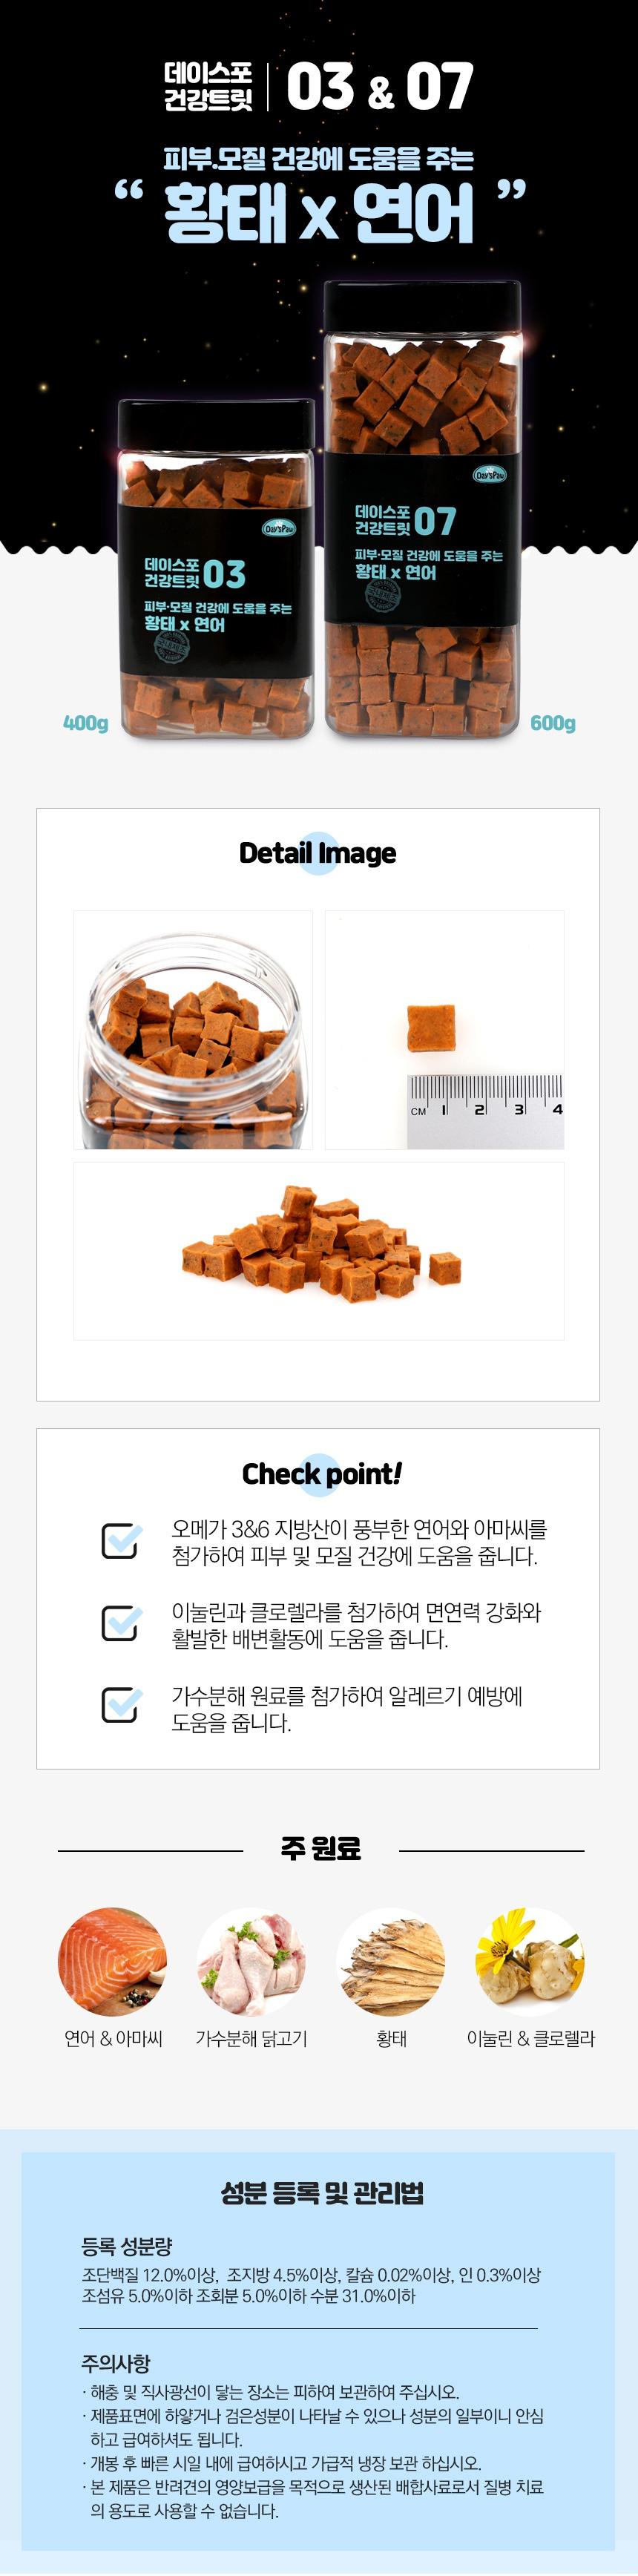 데이스포 눈/종합/관절 트릿 (400g)-상품이미지-5